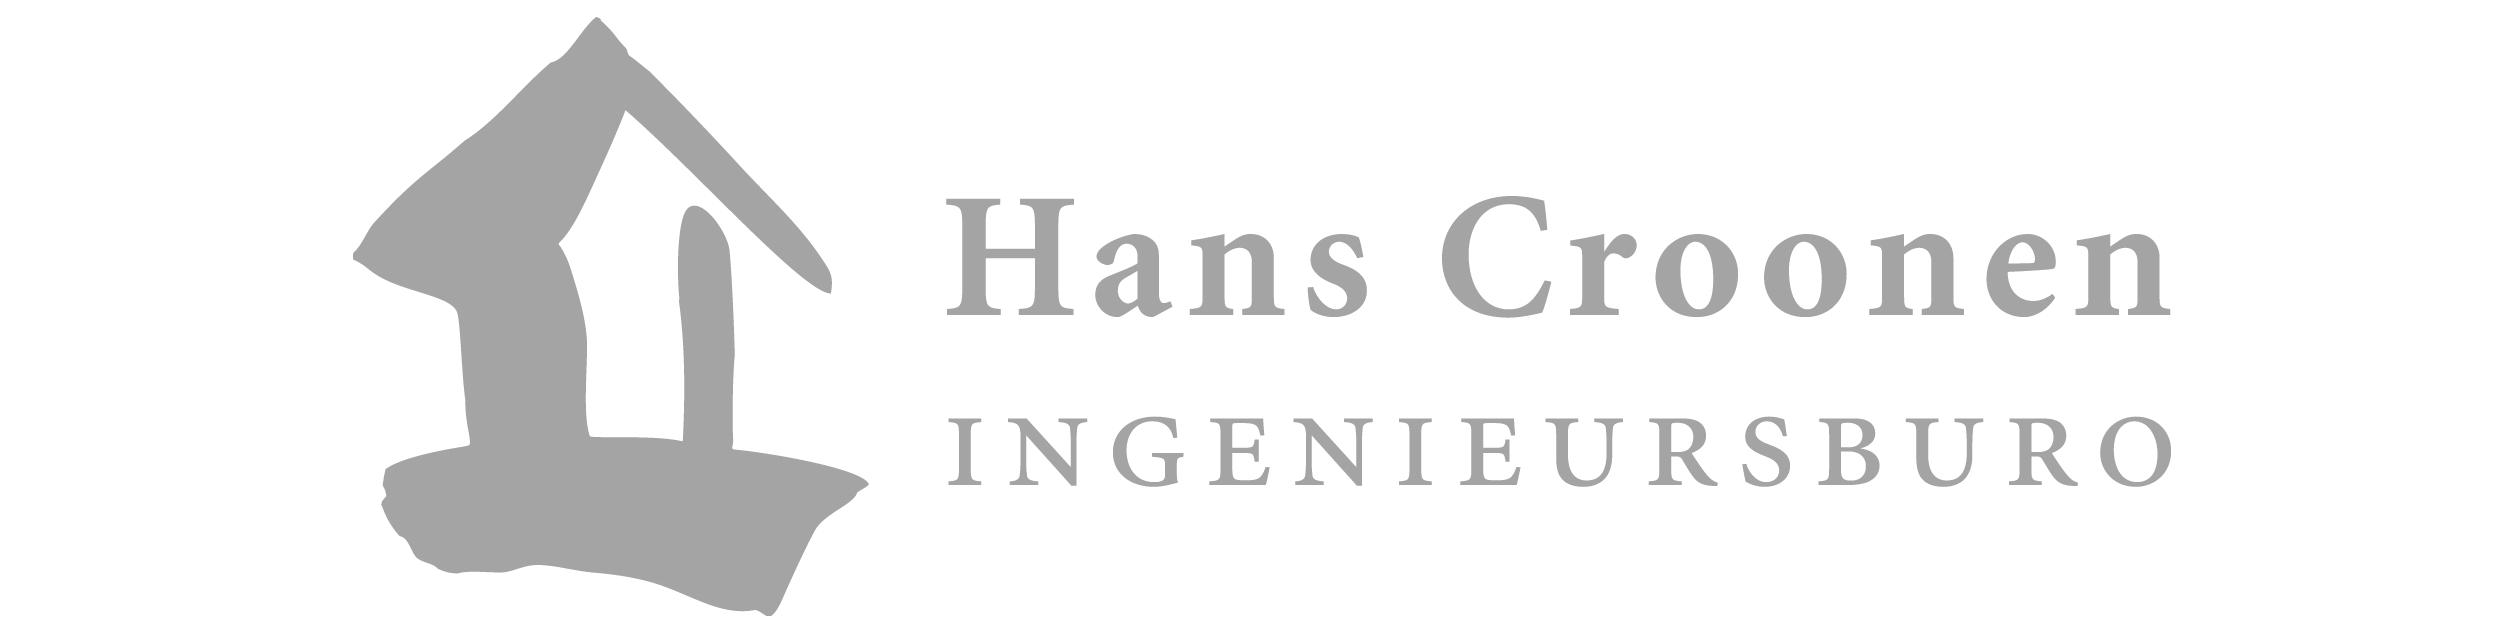 Ingenieursburo Hans Croonen BV